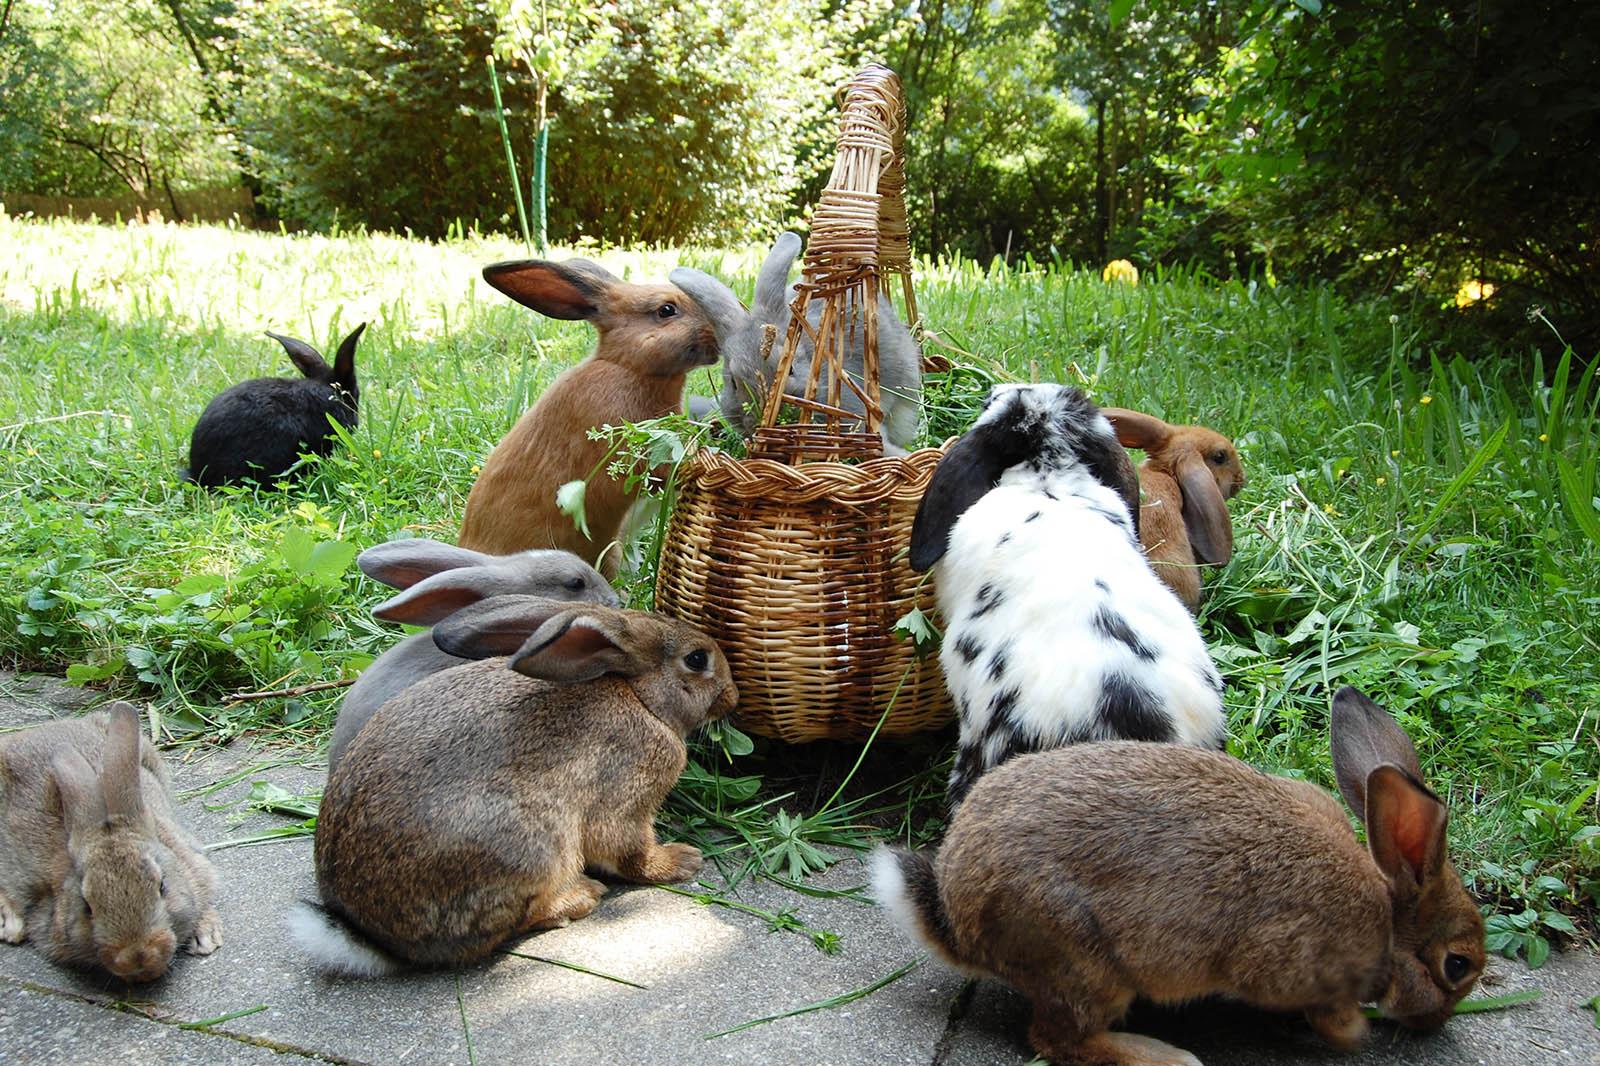 Kaninchen am futtern